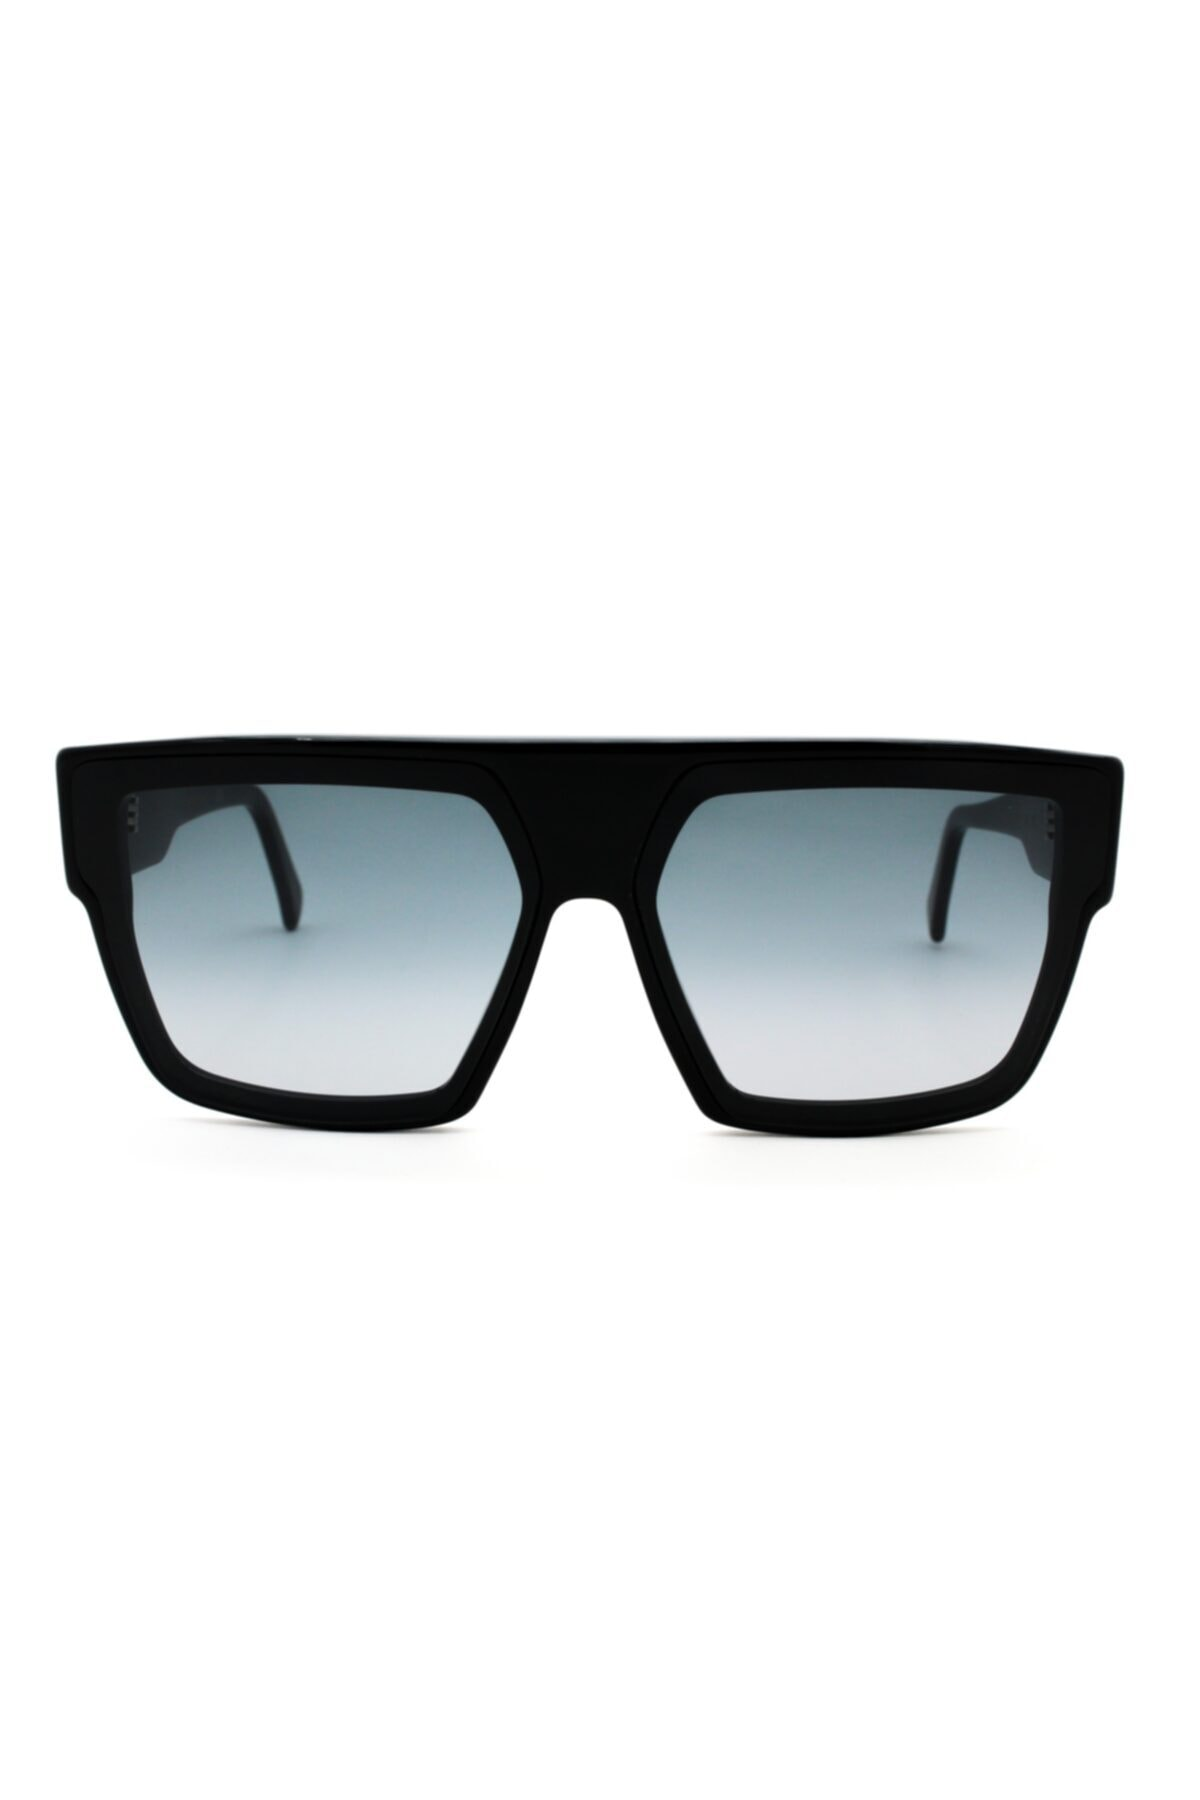 Franco Vital Horus Blk-degrade 62 Ekartman Bayan Güneş Gözlüğü 2